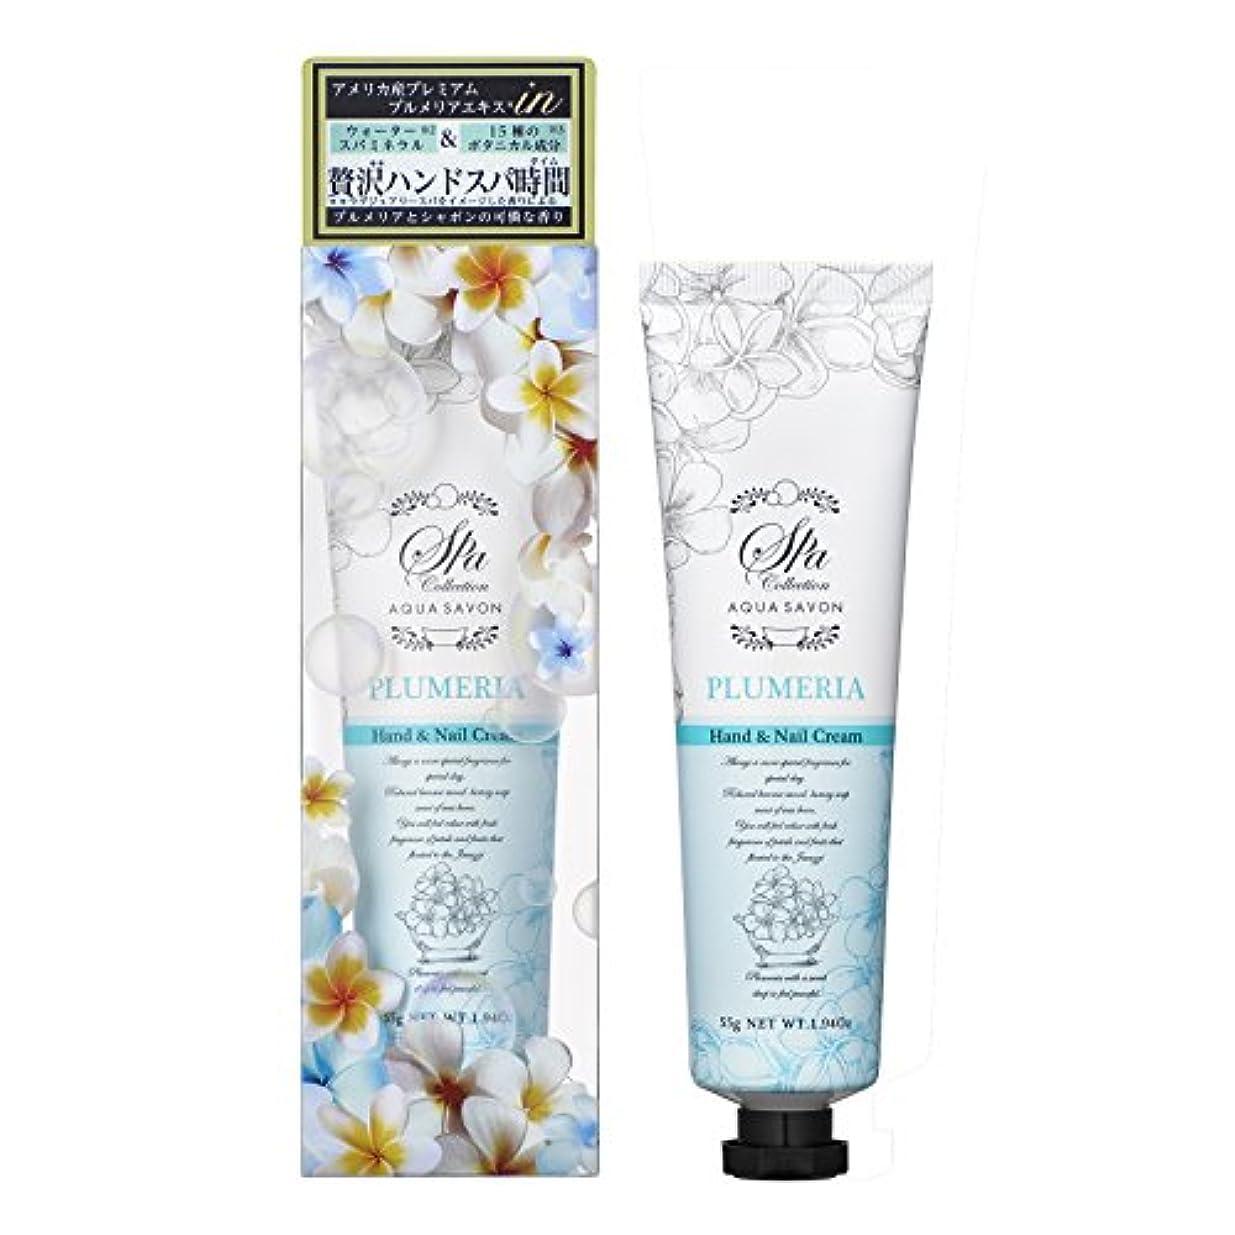 含める提案するマイナーアクアシャボン スパコレクション ハンド&ネイルクリーム プルメリアスパの香り 55g